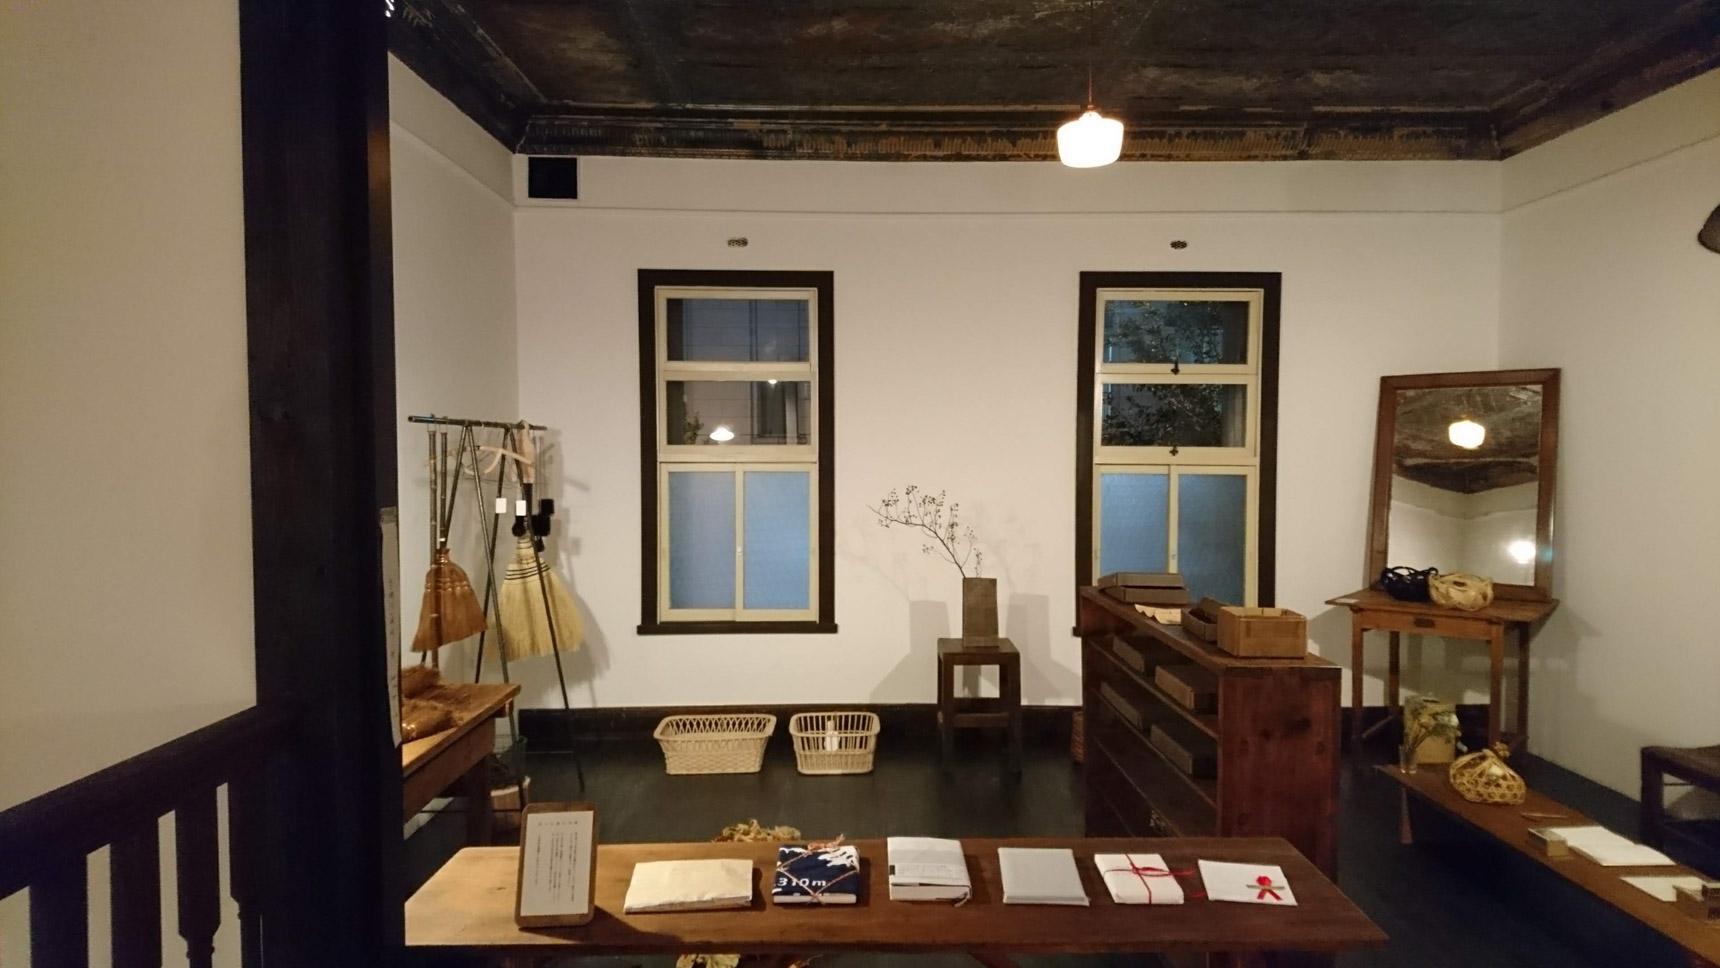 1〜2ヶ月ごとに入れ替わるという展示は、ひとつひとつ丁寧に作られた、ストーリーを持つ道具や器など、様々なものが並び、購入もできます。